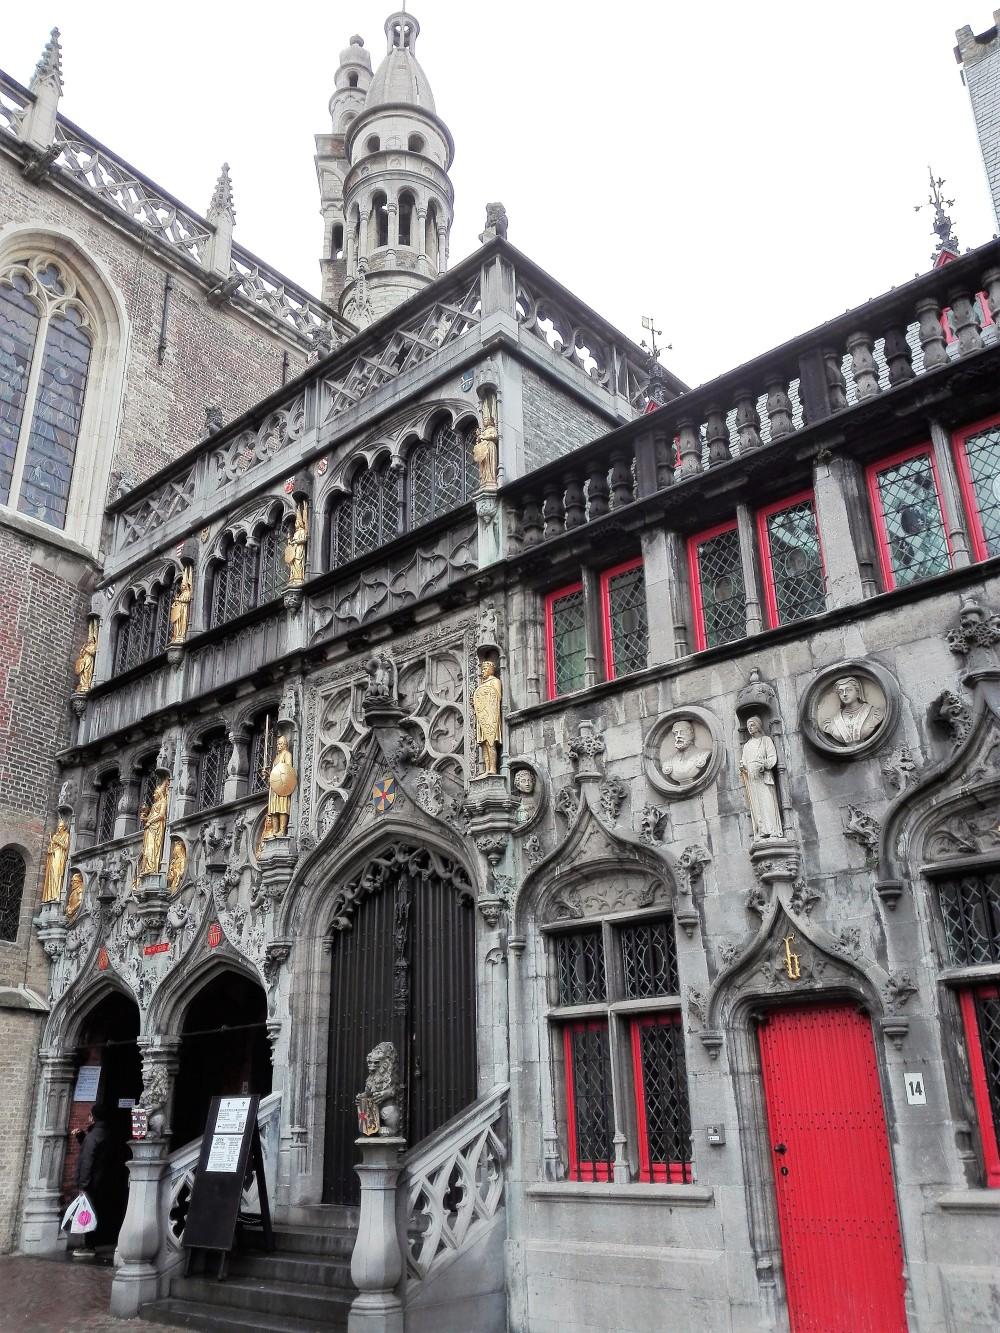 Brujas-basilica-de-la-santa-sangre-donviajon-lugar-de-peregrinacion-devocion-cristiana-cultura-tradicion-arte-flandes-belgica